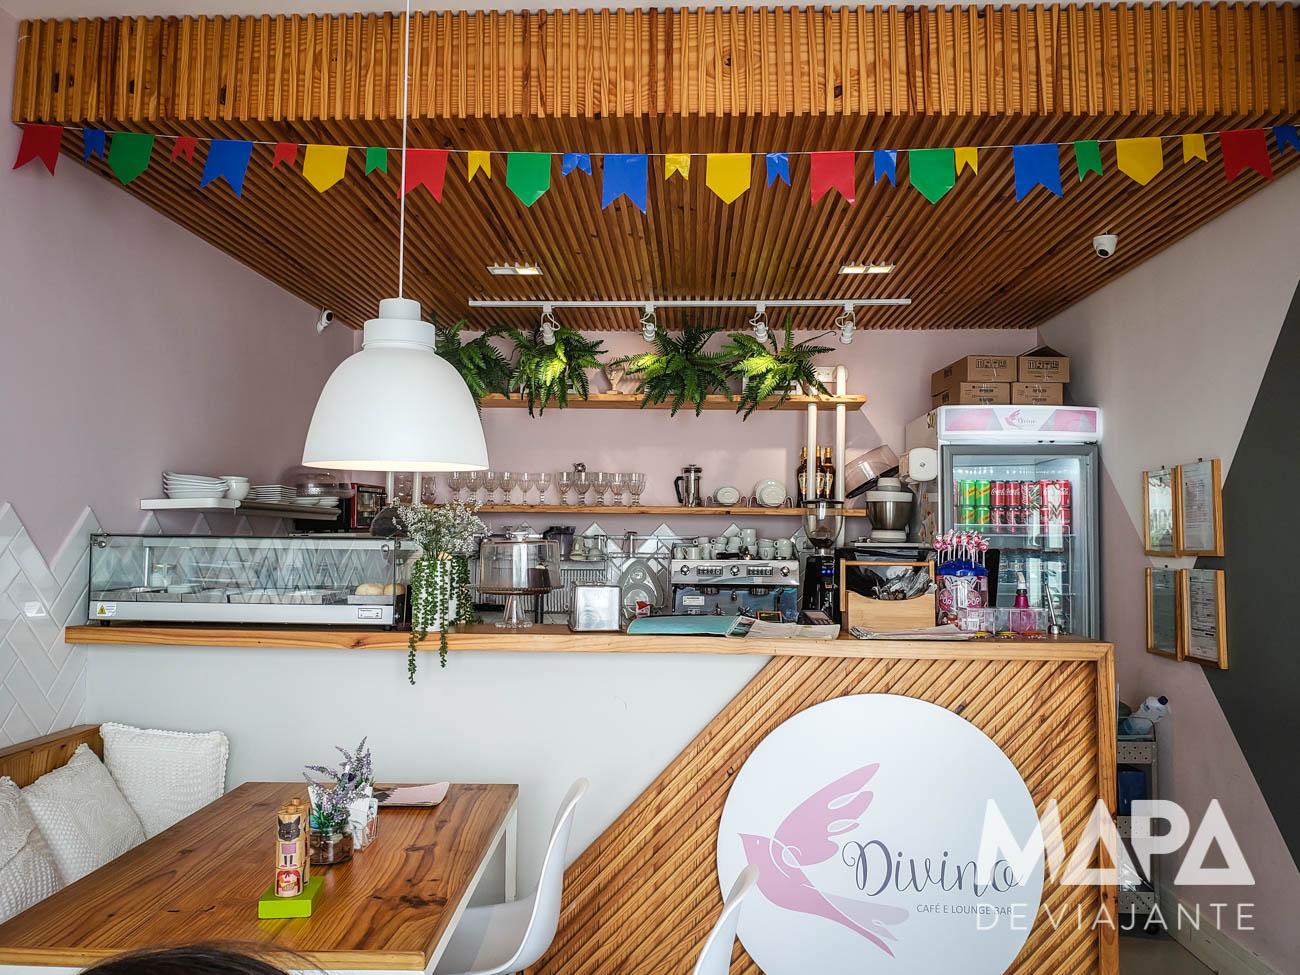 Divino Cafeteria Barreirinhas